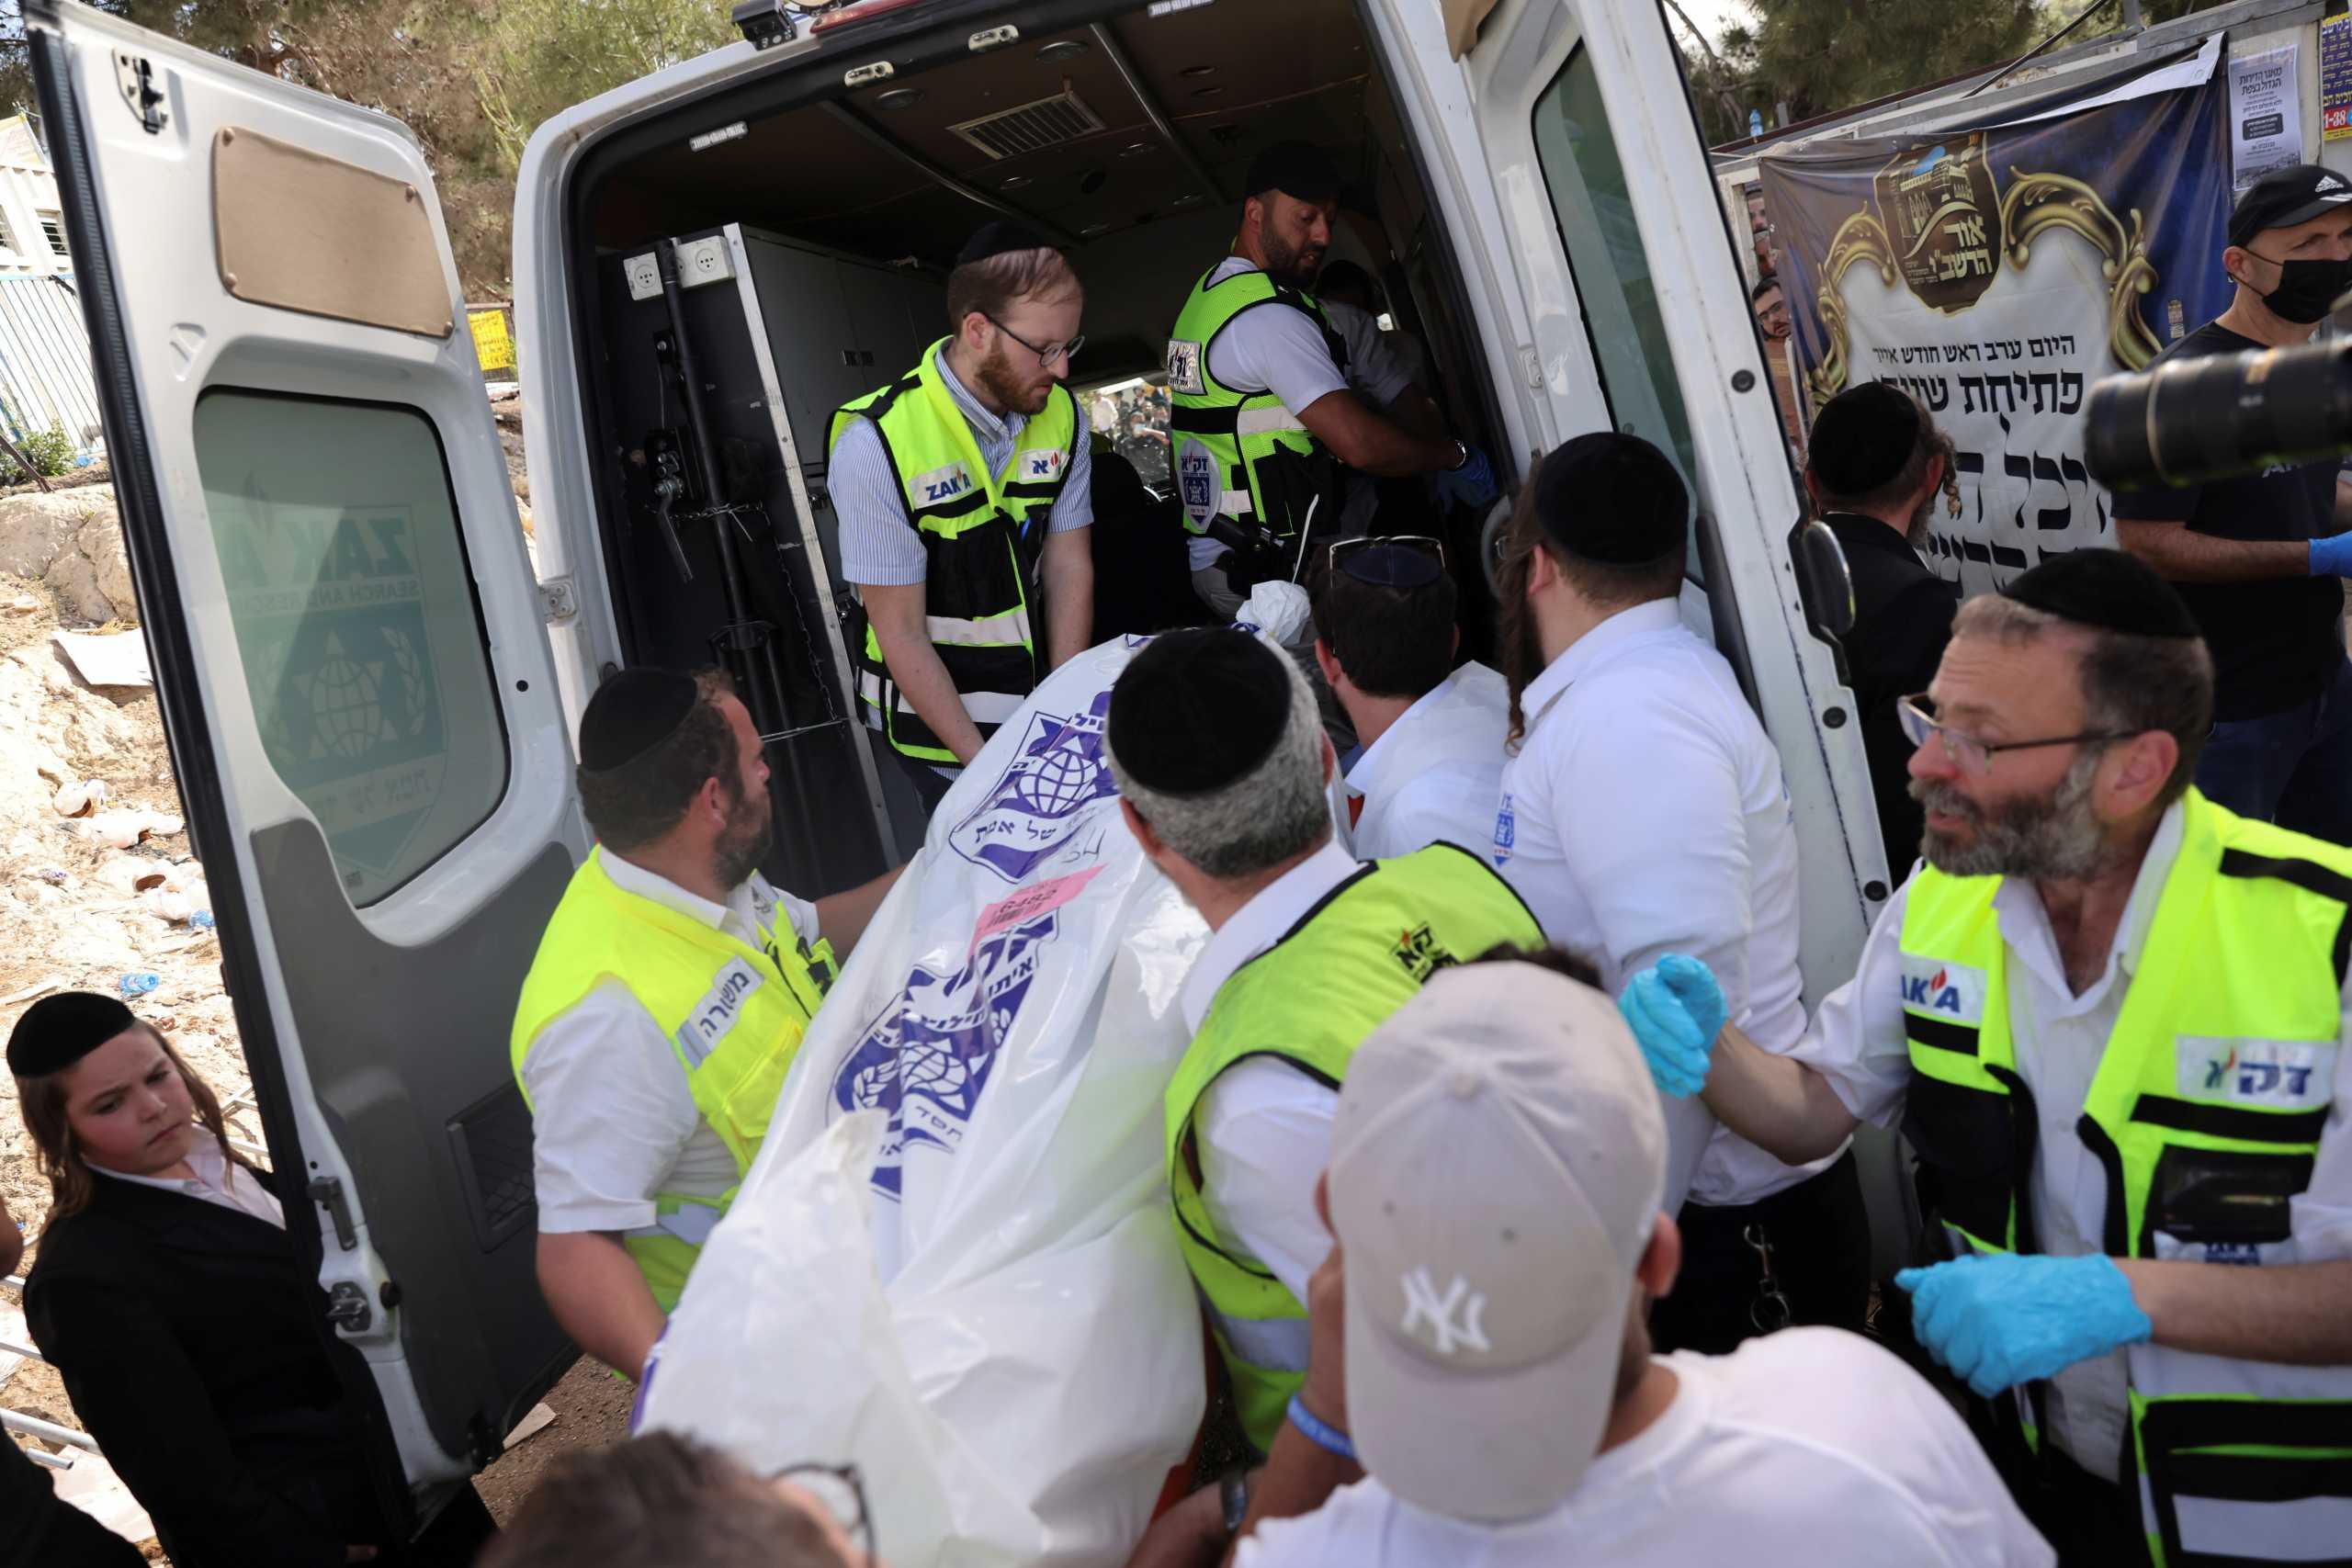 Συλλυπητήρια ΥΠΕΞ για την τραγωδία στο Όρος Μερόν στο Ισραήλ